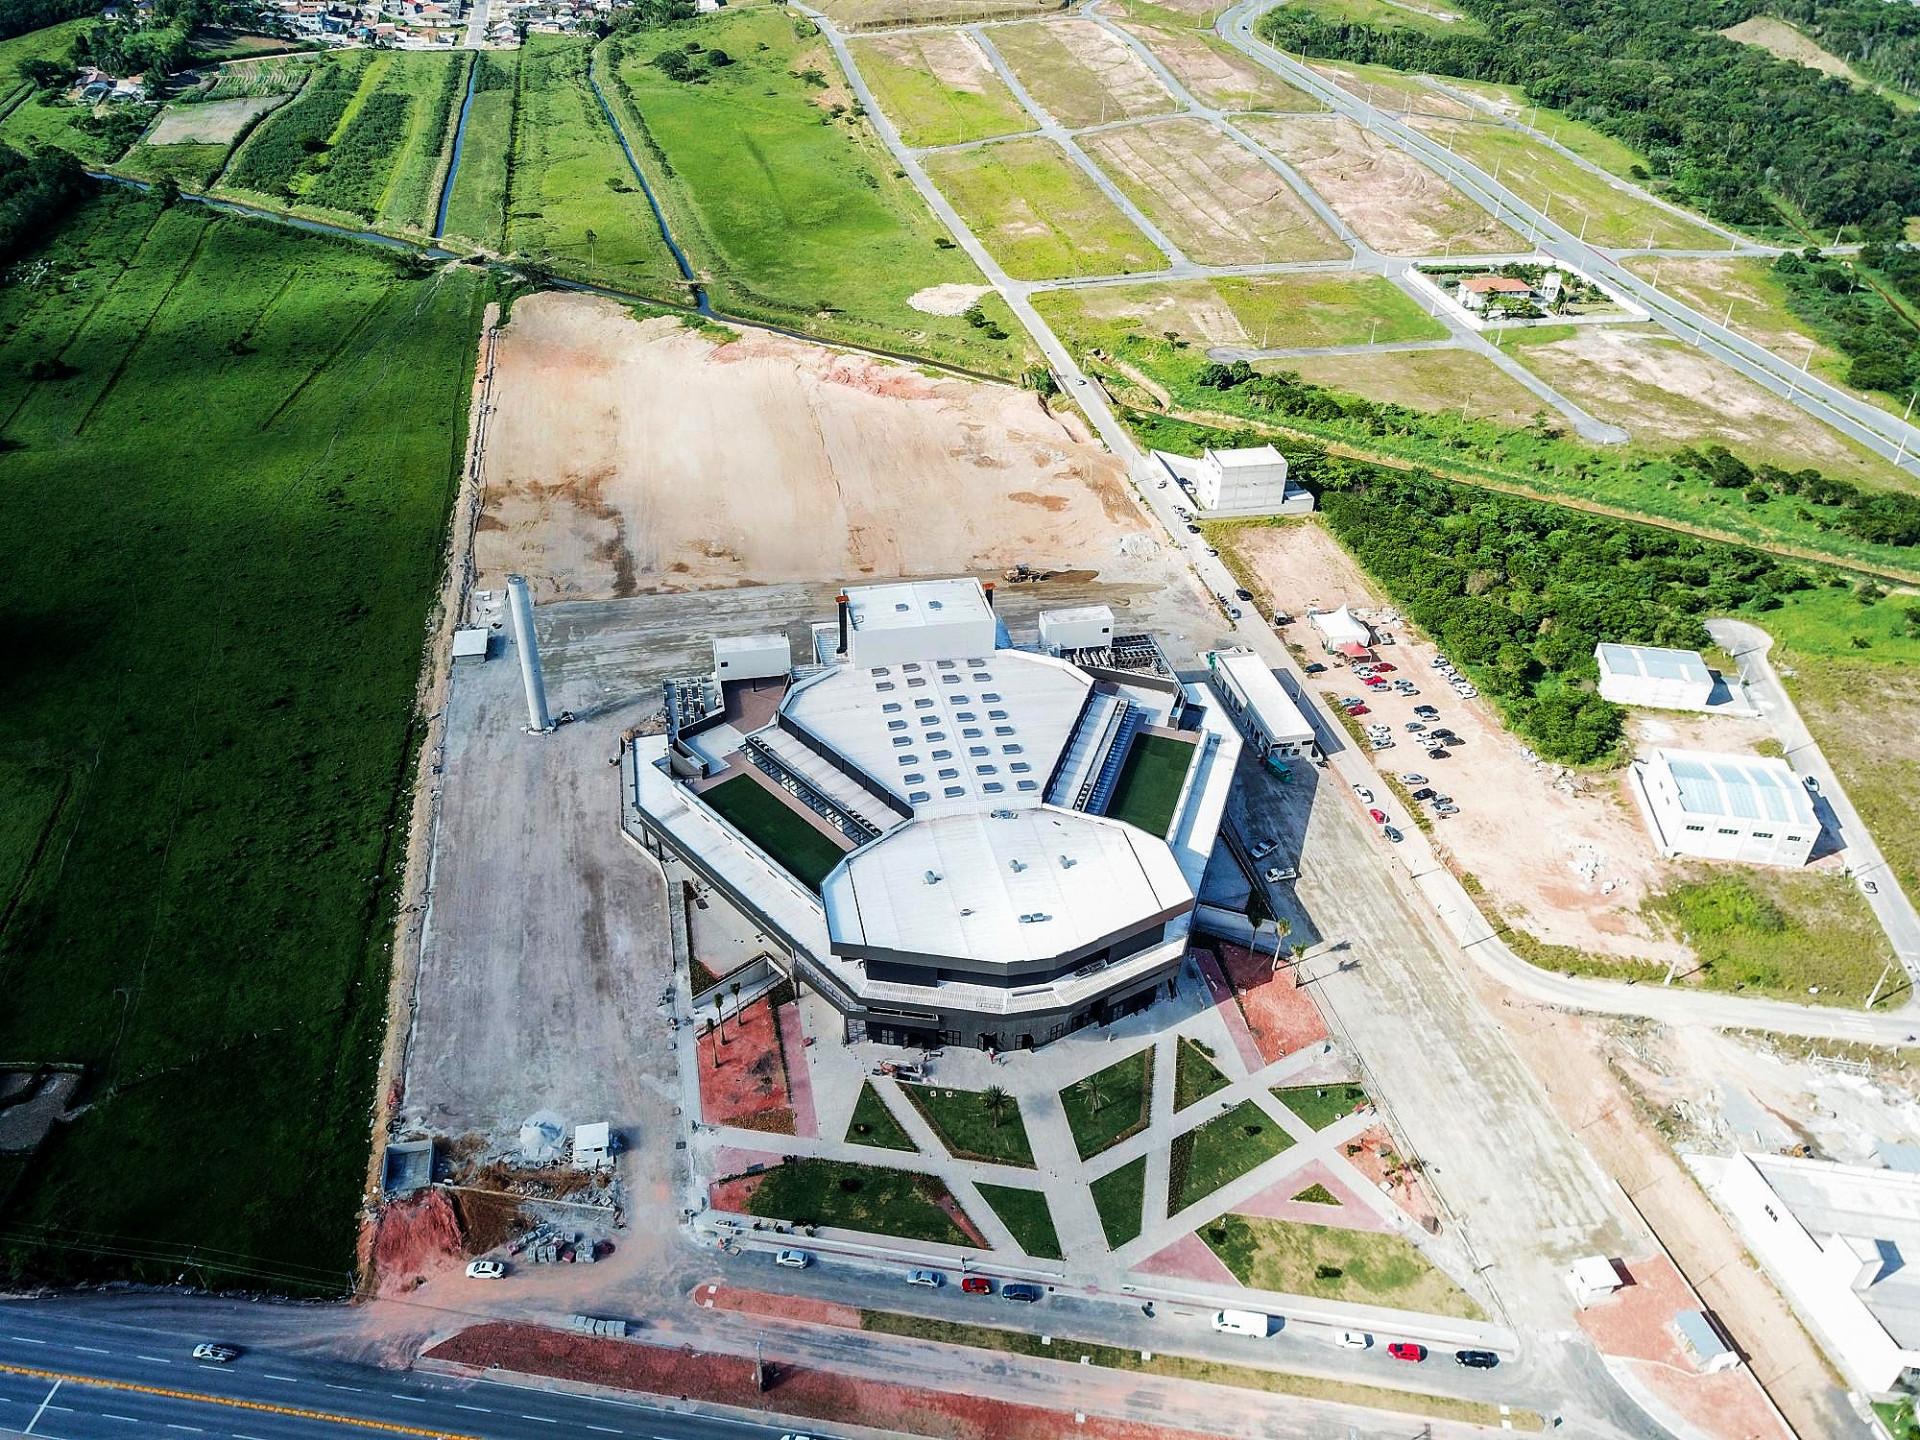 Arena Petry, em Santa Catarina, consumiu 6.179,44 m³ de concreto pré-fabricado. Crédito: PROAÇO